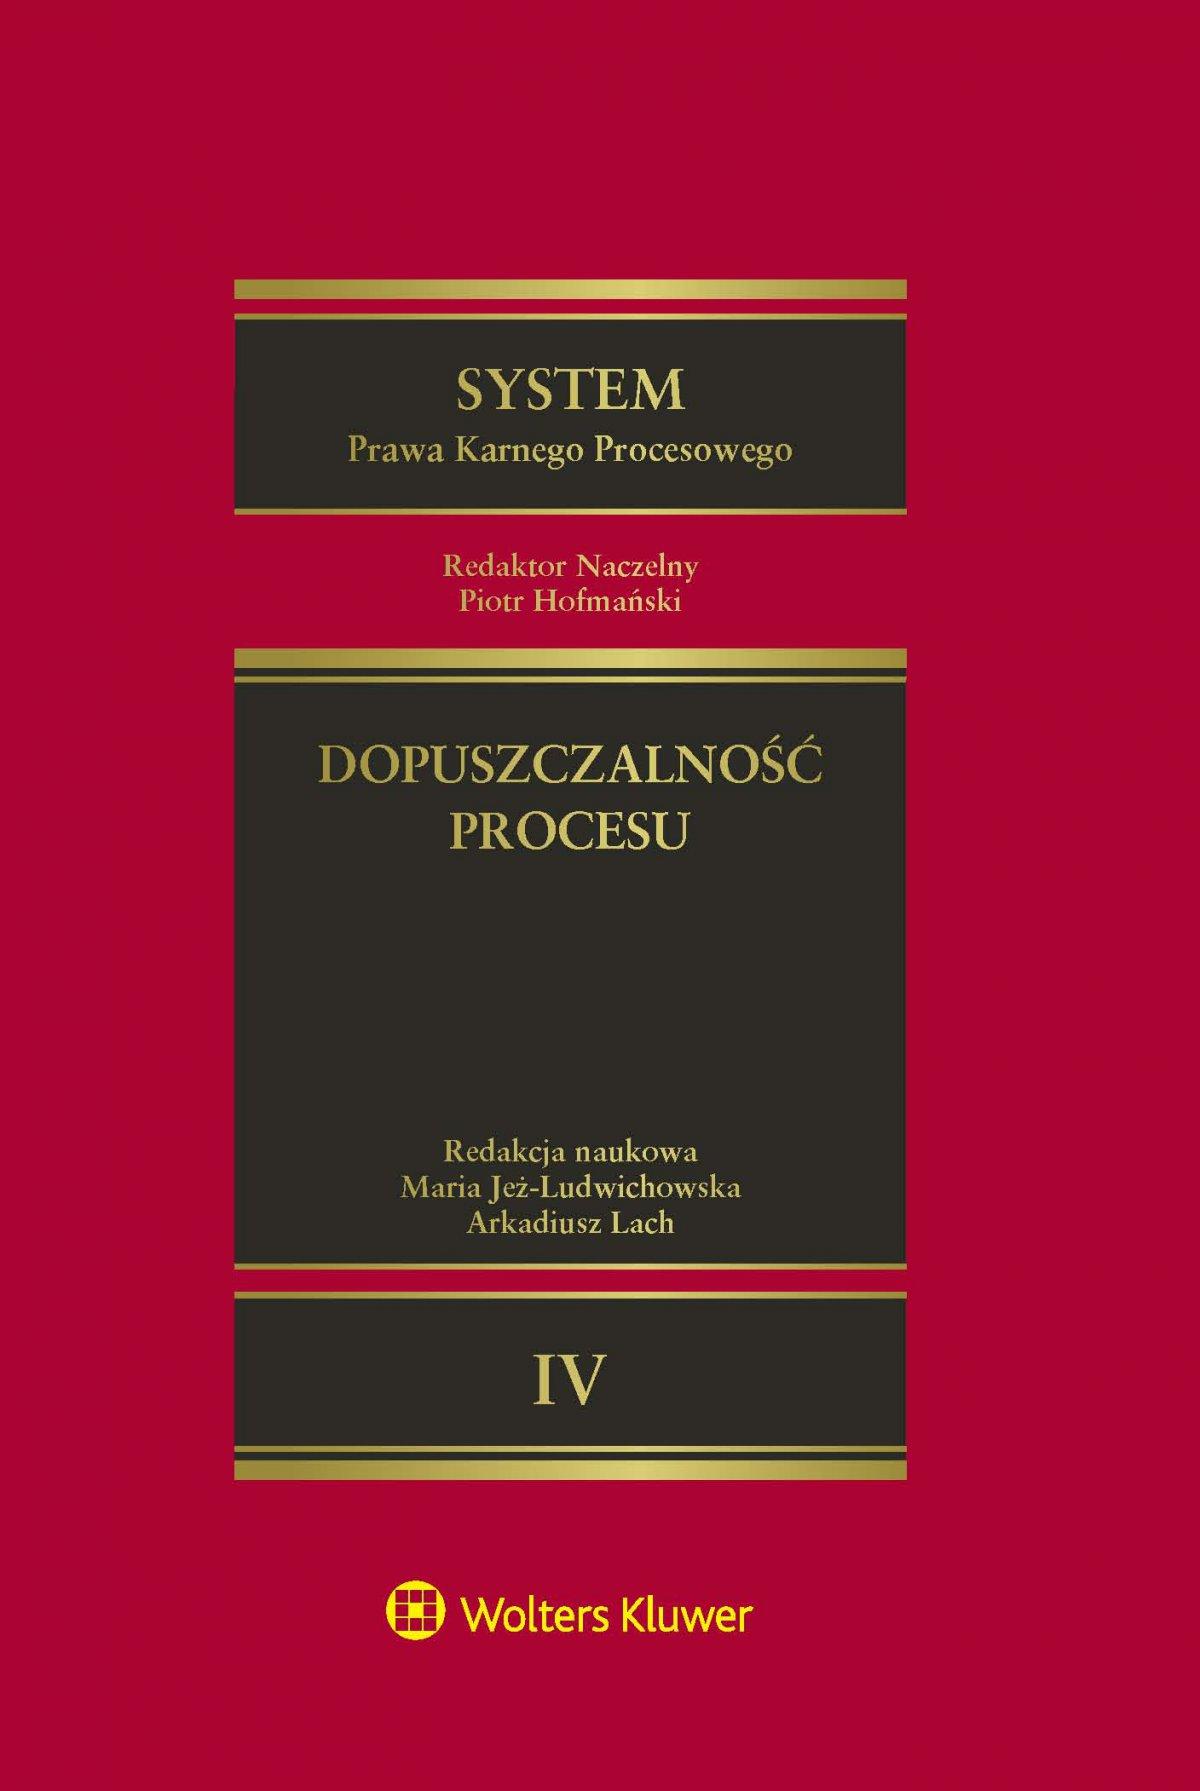 System Prawa Karnego Procesowego. Tom IV. Dopuszczalność procesu. Wydanie 1 - Ebook (Książka EPUB) do pobrania w formacie EPUB